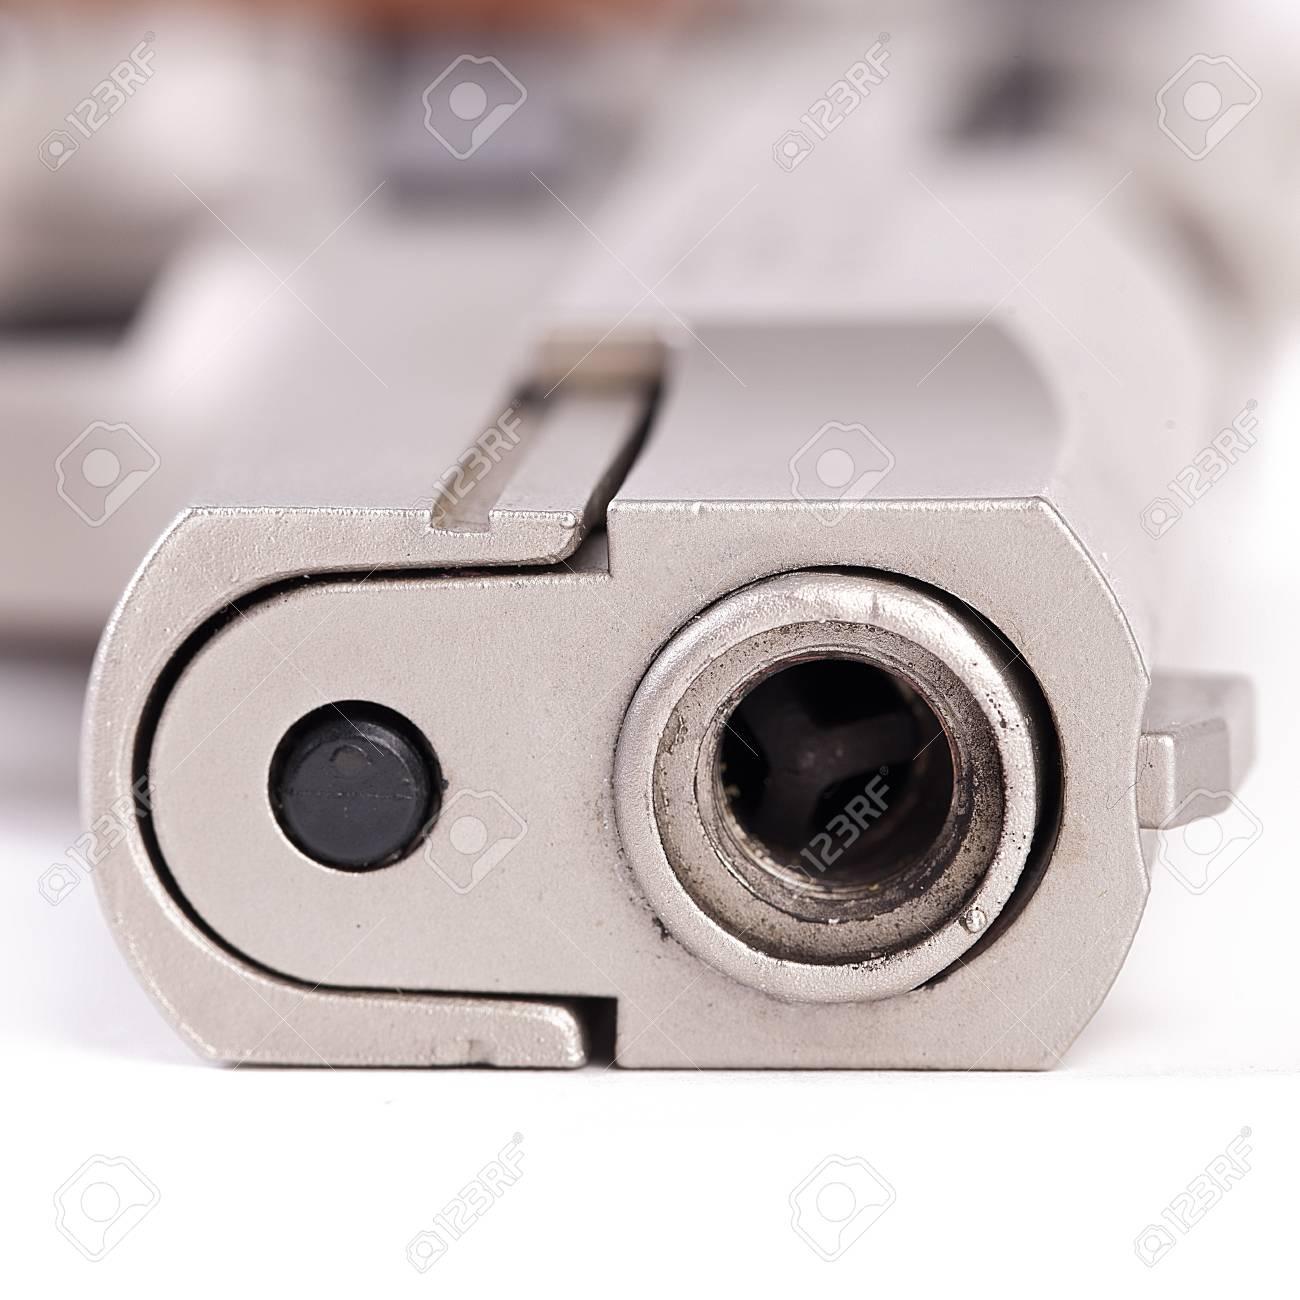 pistol police revolver firearm crime protect sport aggression war rampage terror Stock Photo - 16221344